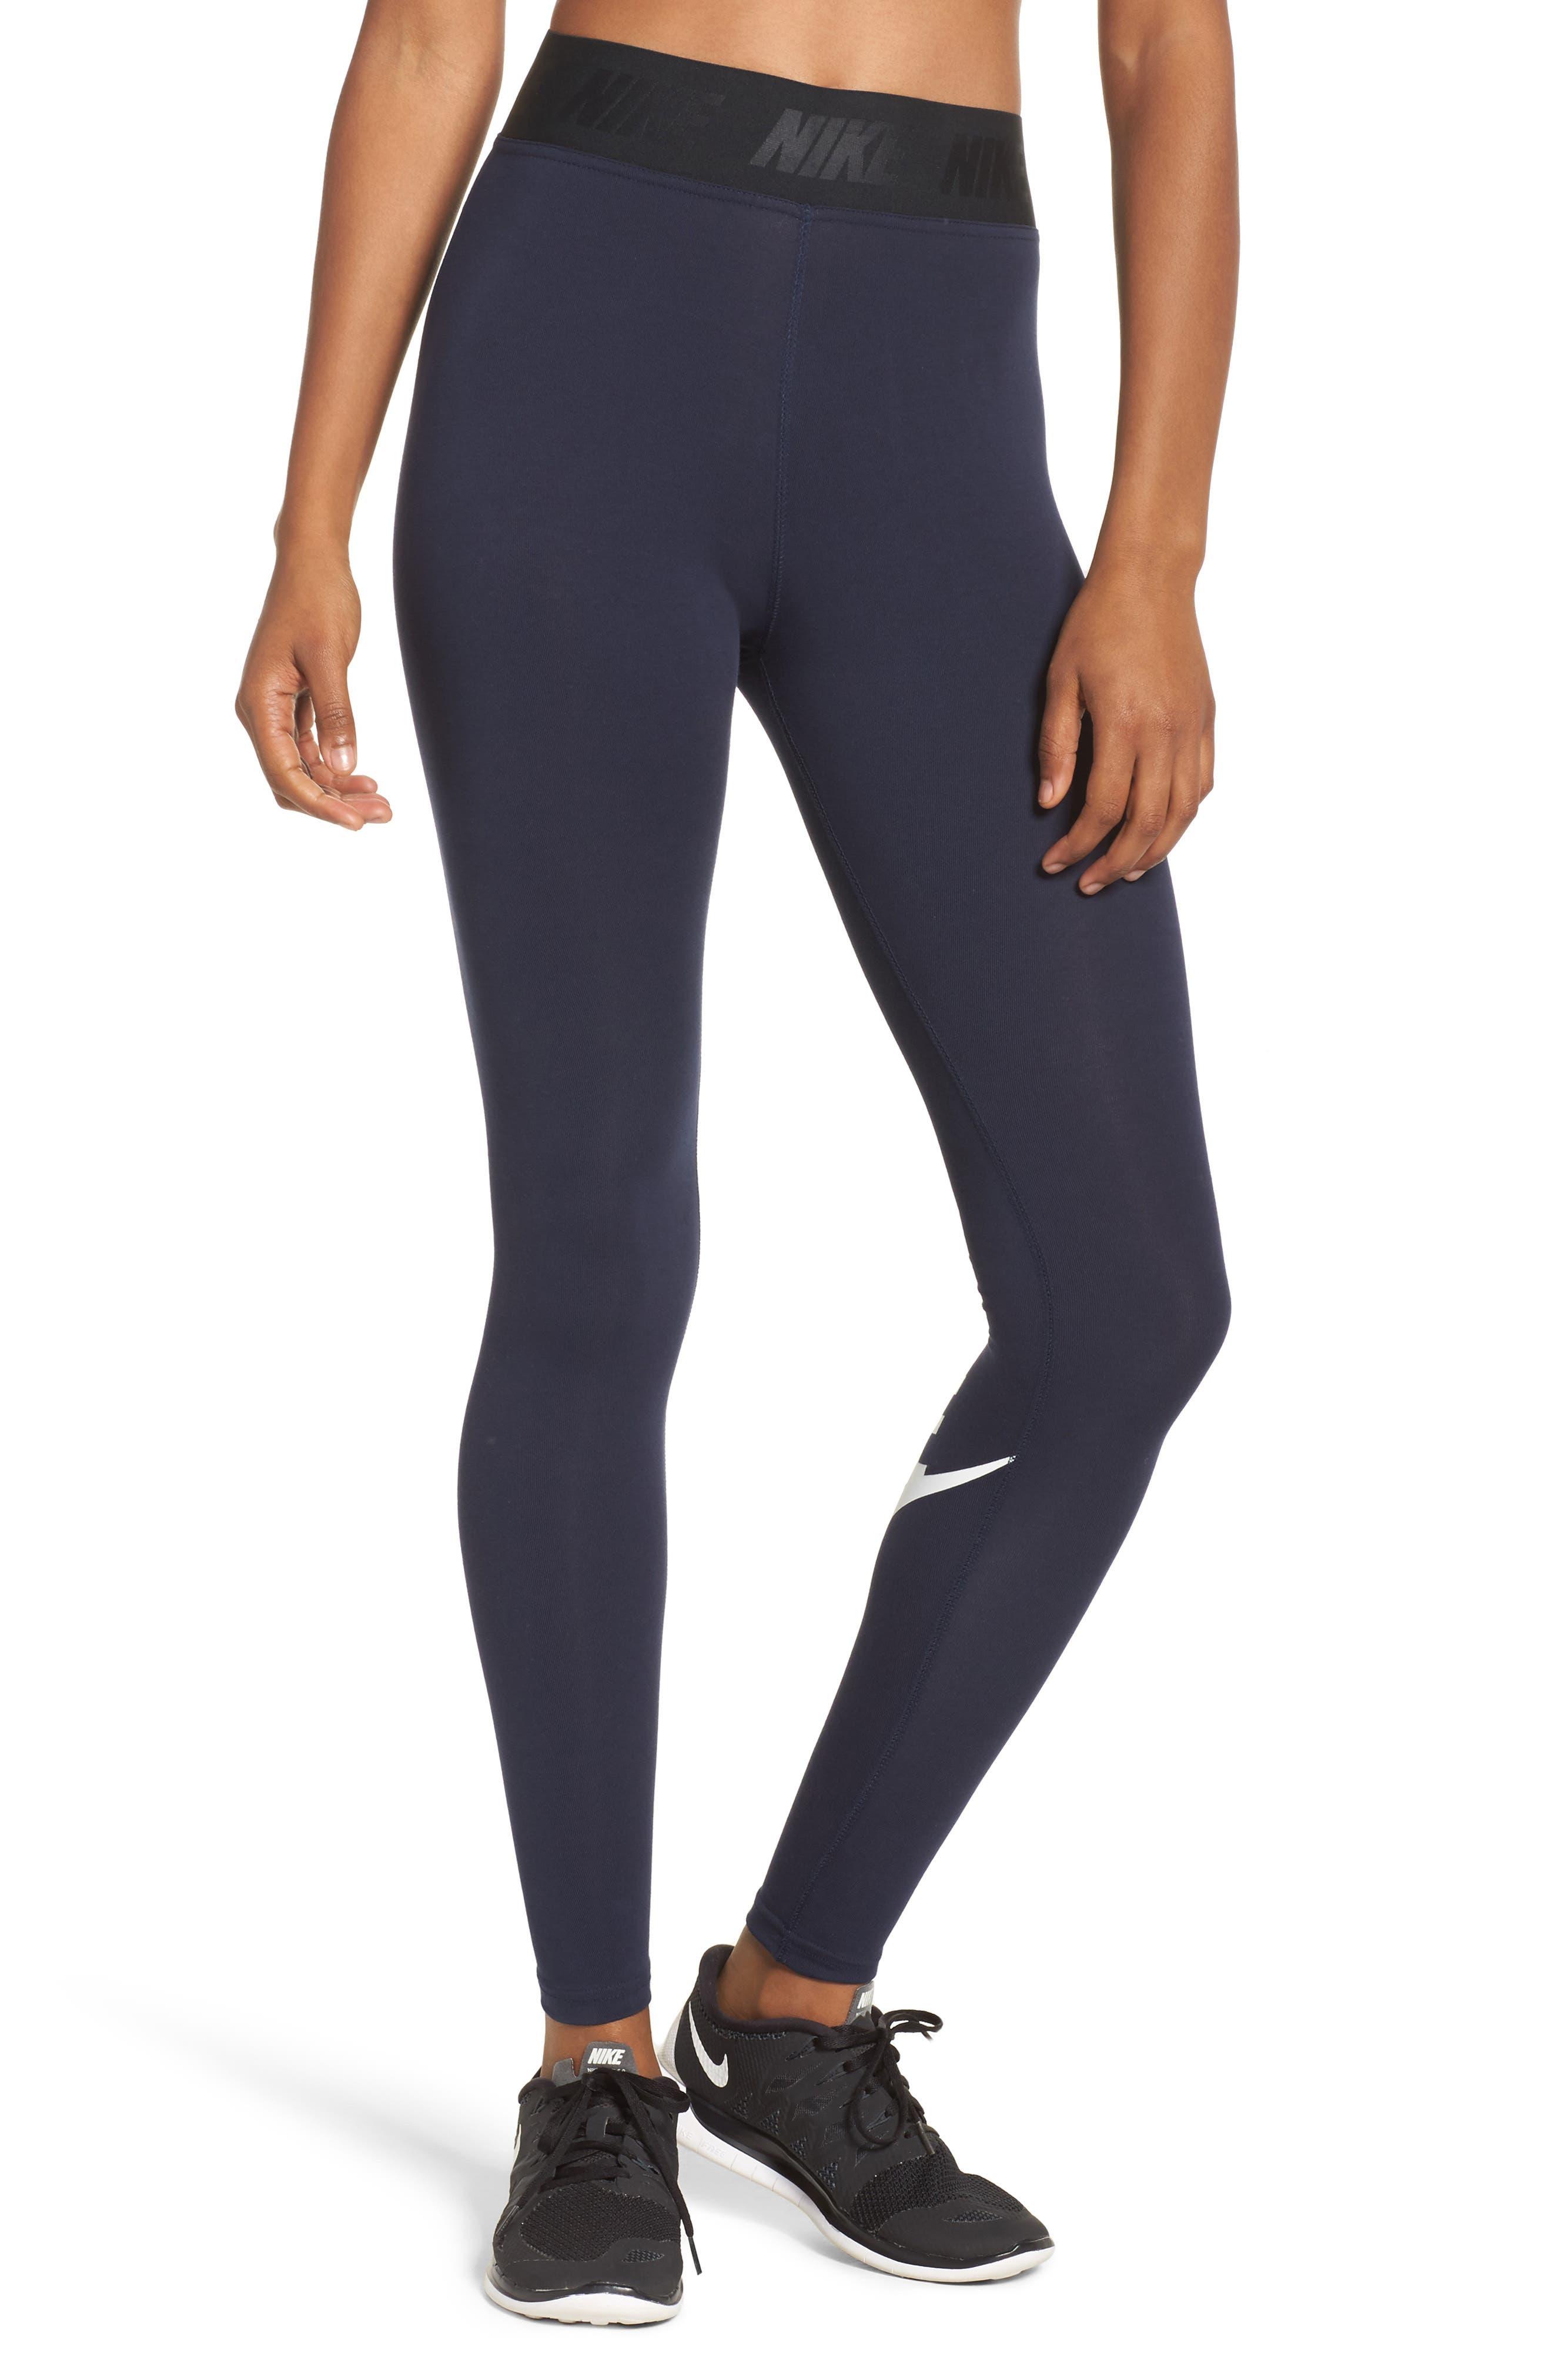 Leg-a-See High Waist Leggings,                         Main,                         color, Obsidian/ White